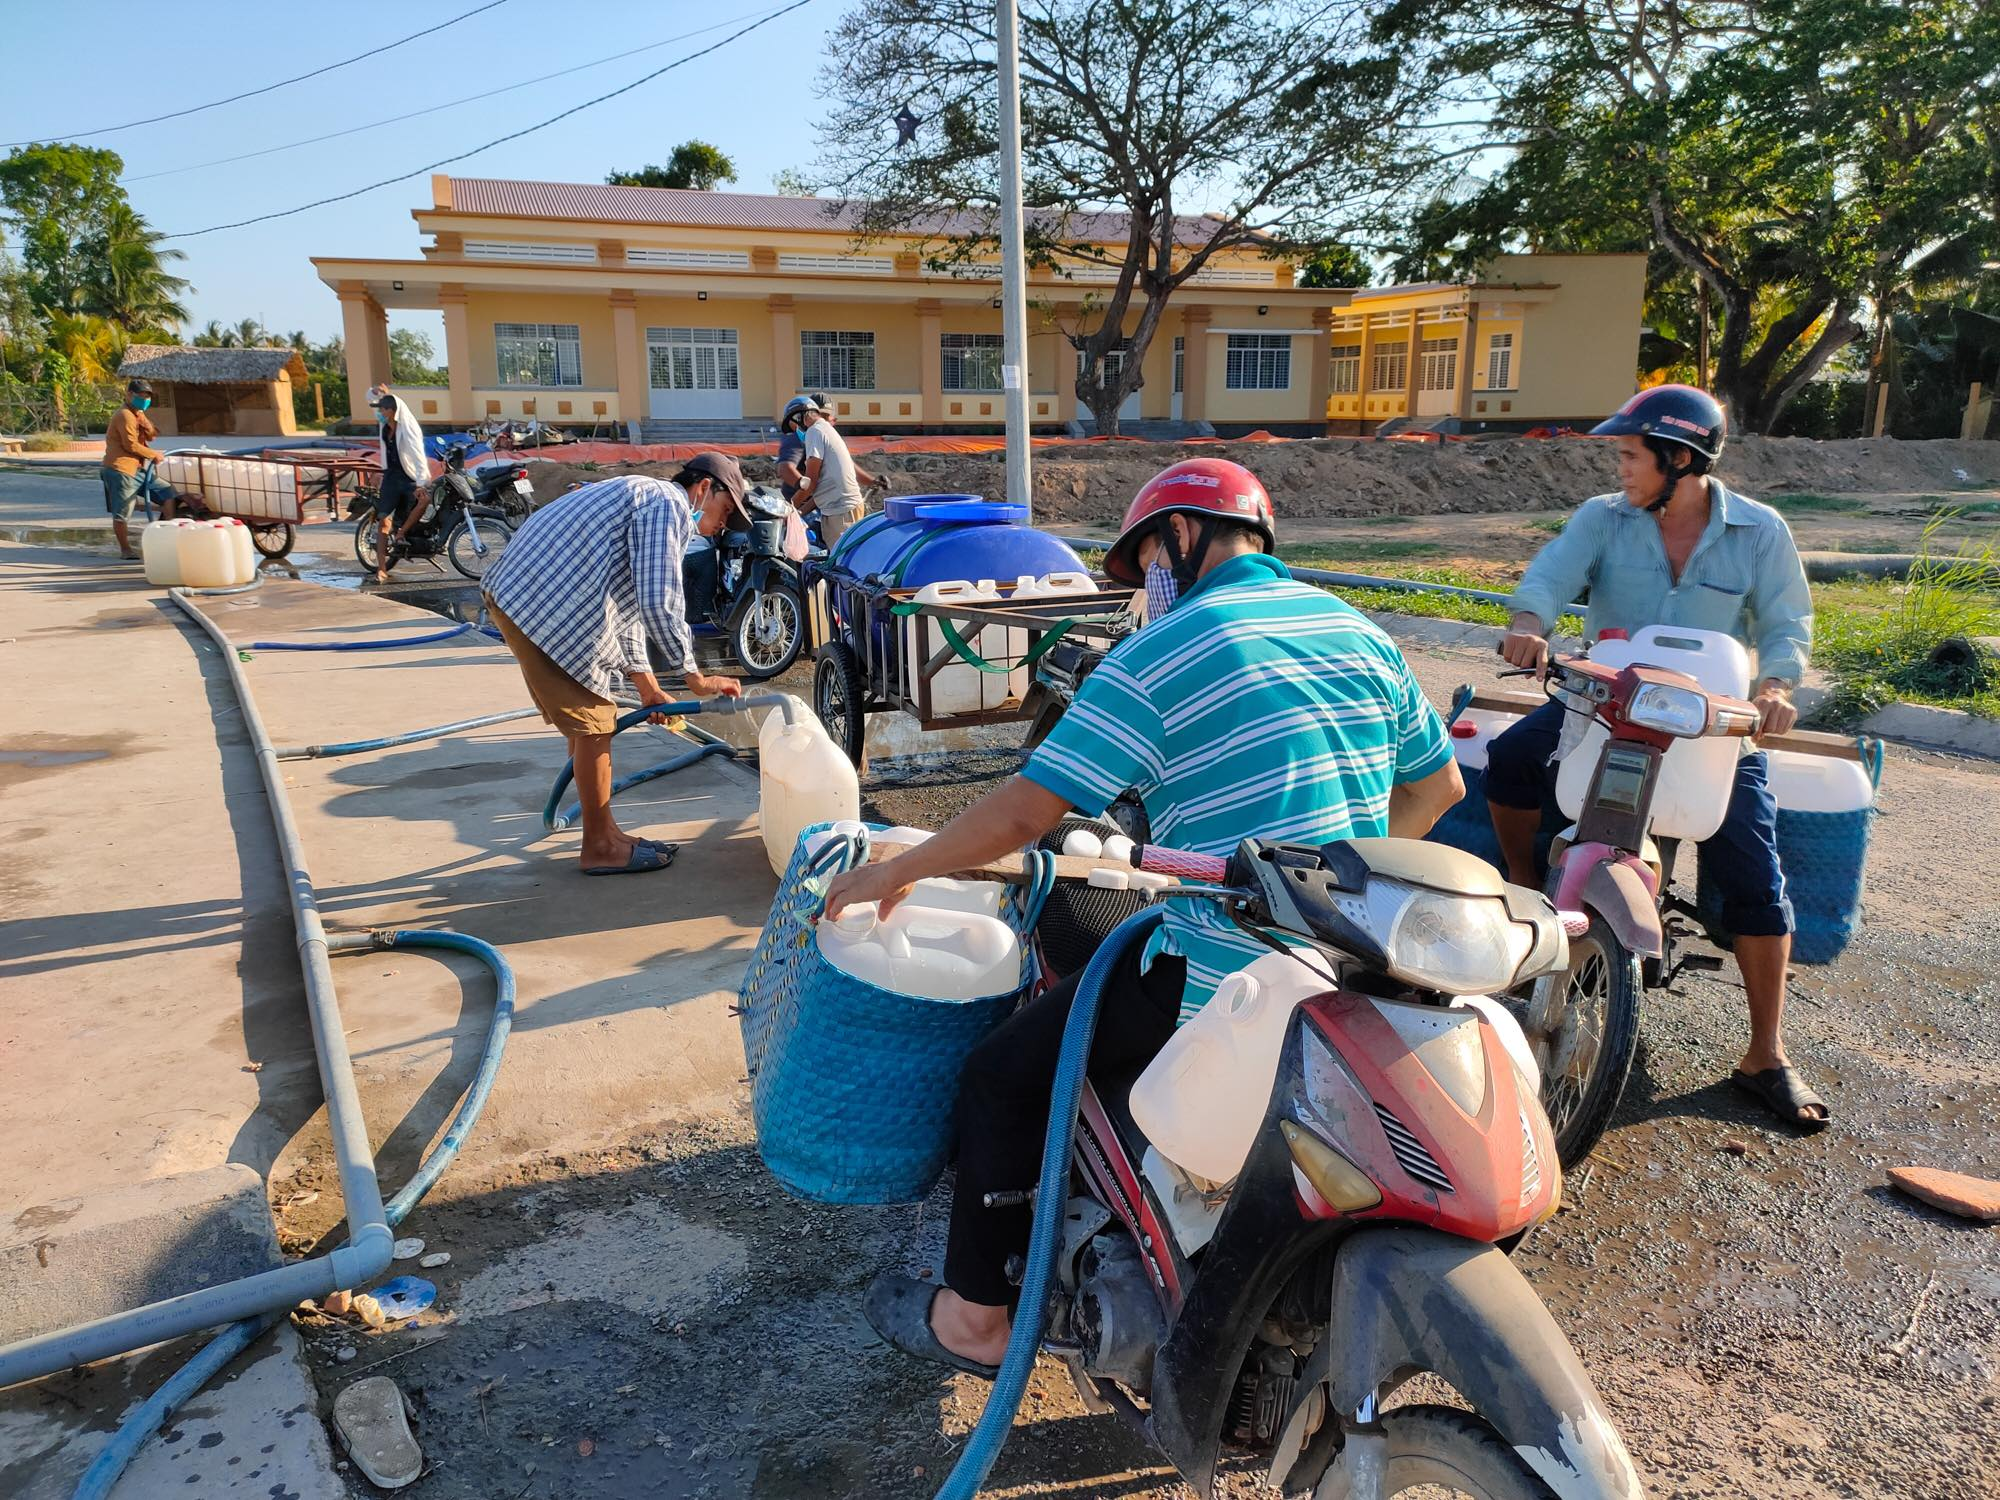 Tiền Giang là một trong những tỉnh chịu ảnh hưởng khá nặng nề của hạn mặn